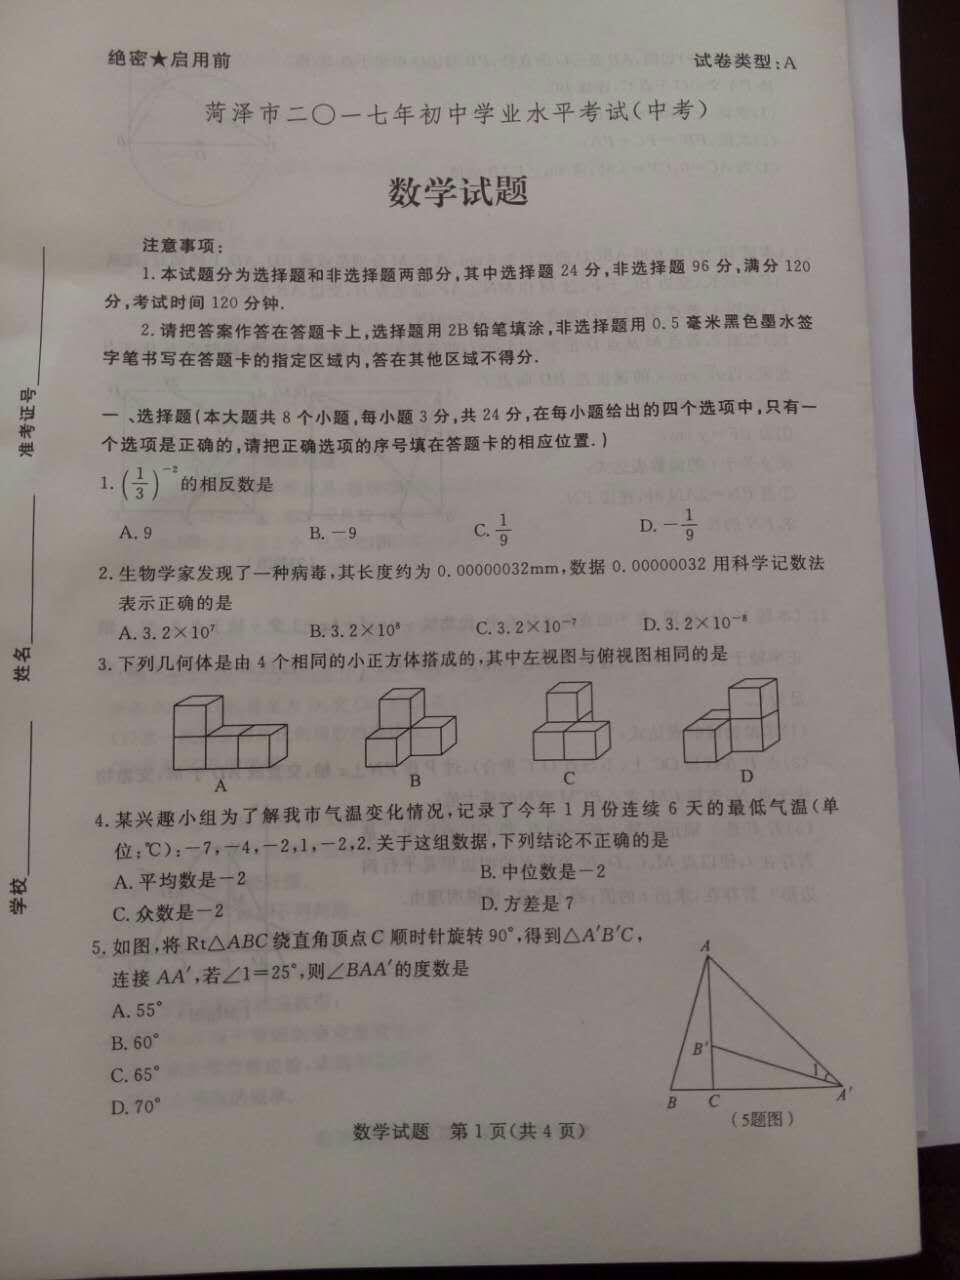 2017菏泽中考数学试题及答案解析(图片版无答案)